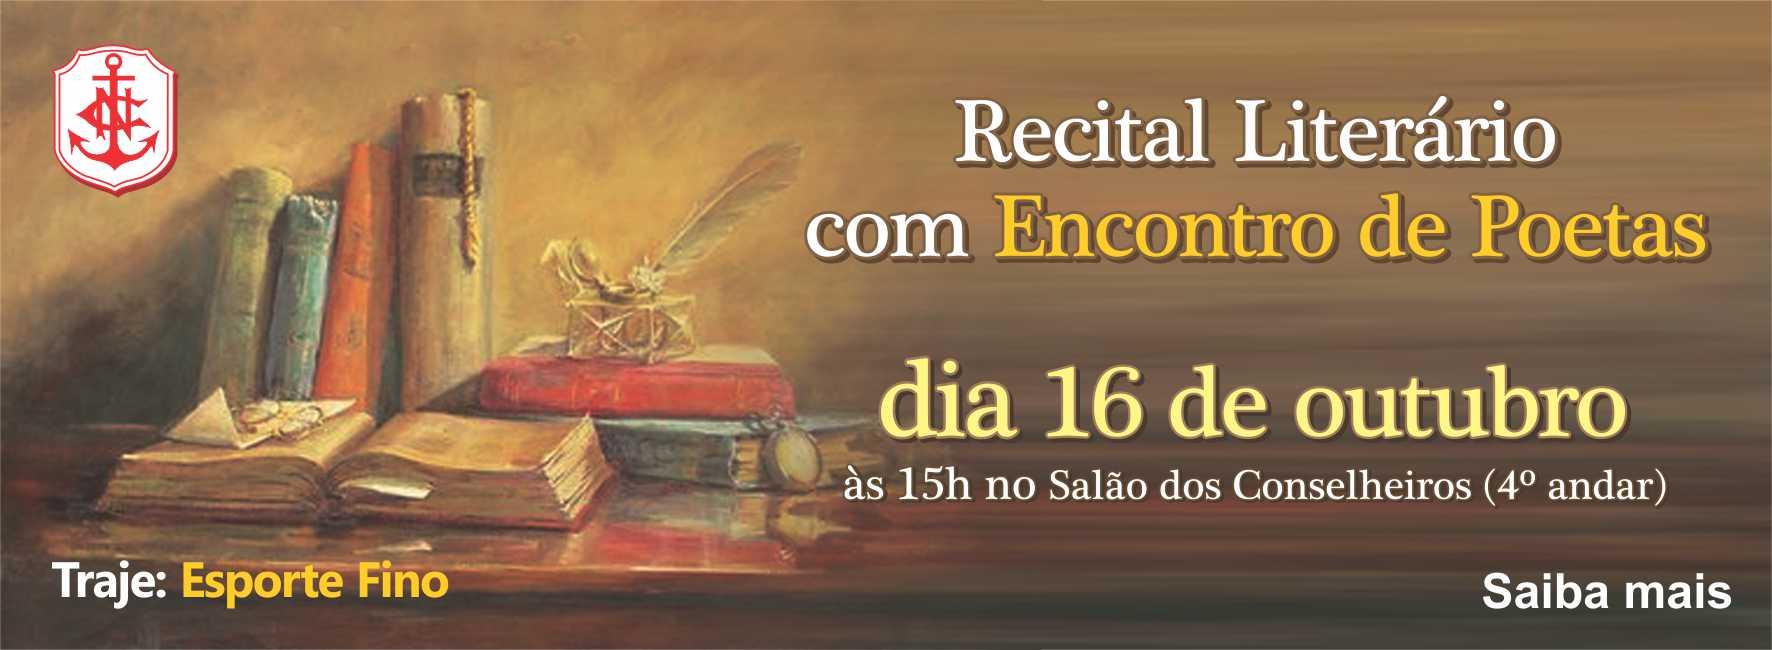 https://www.clubenaval.org.br/novo/?q=recital-liter%C3%A1rio-com-encontro-de-poetas